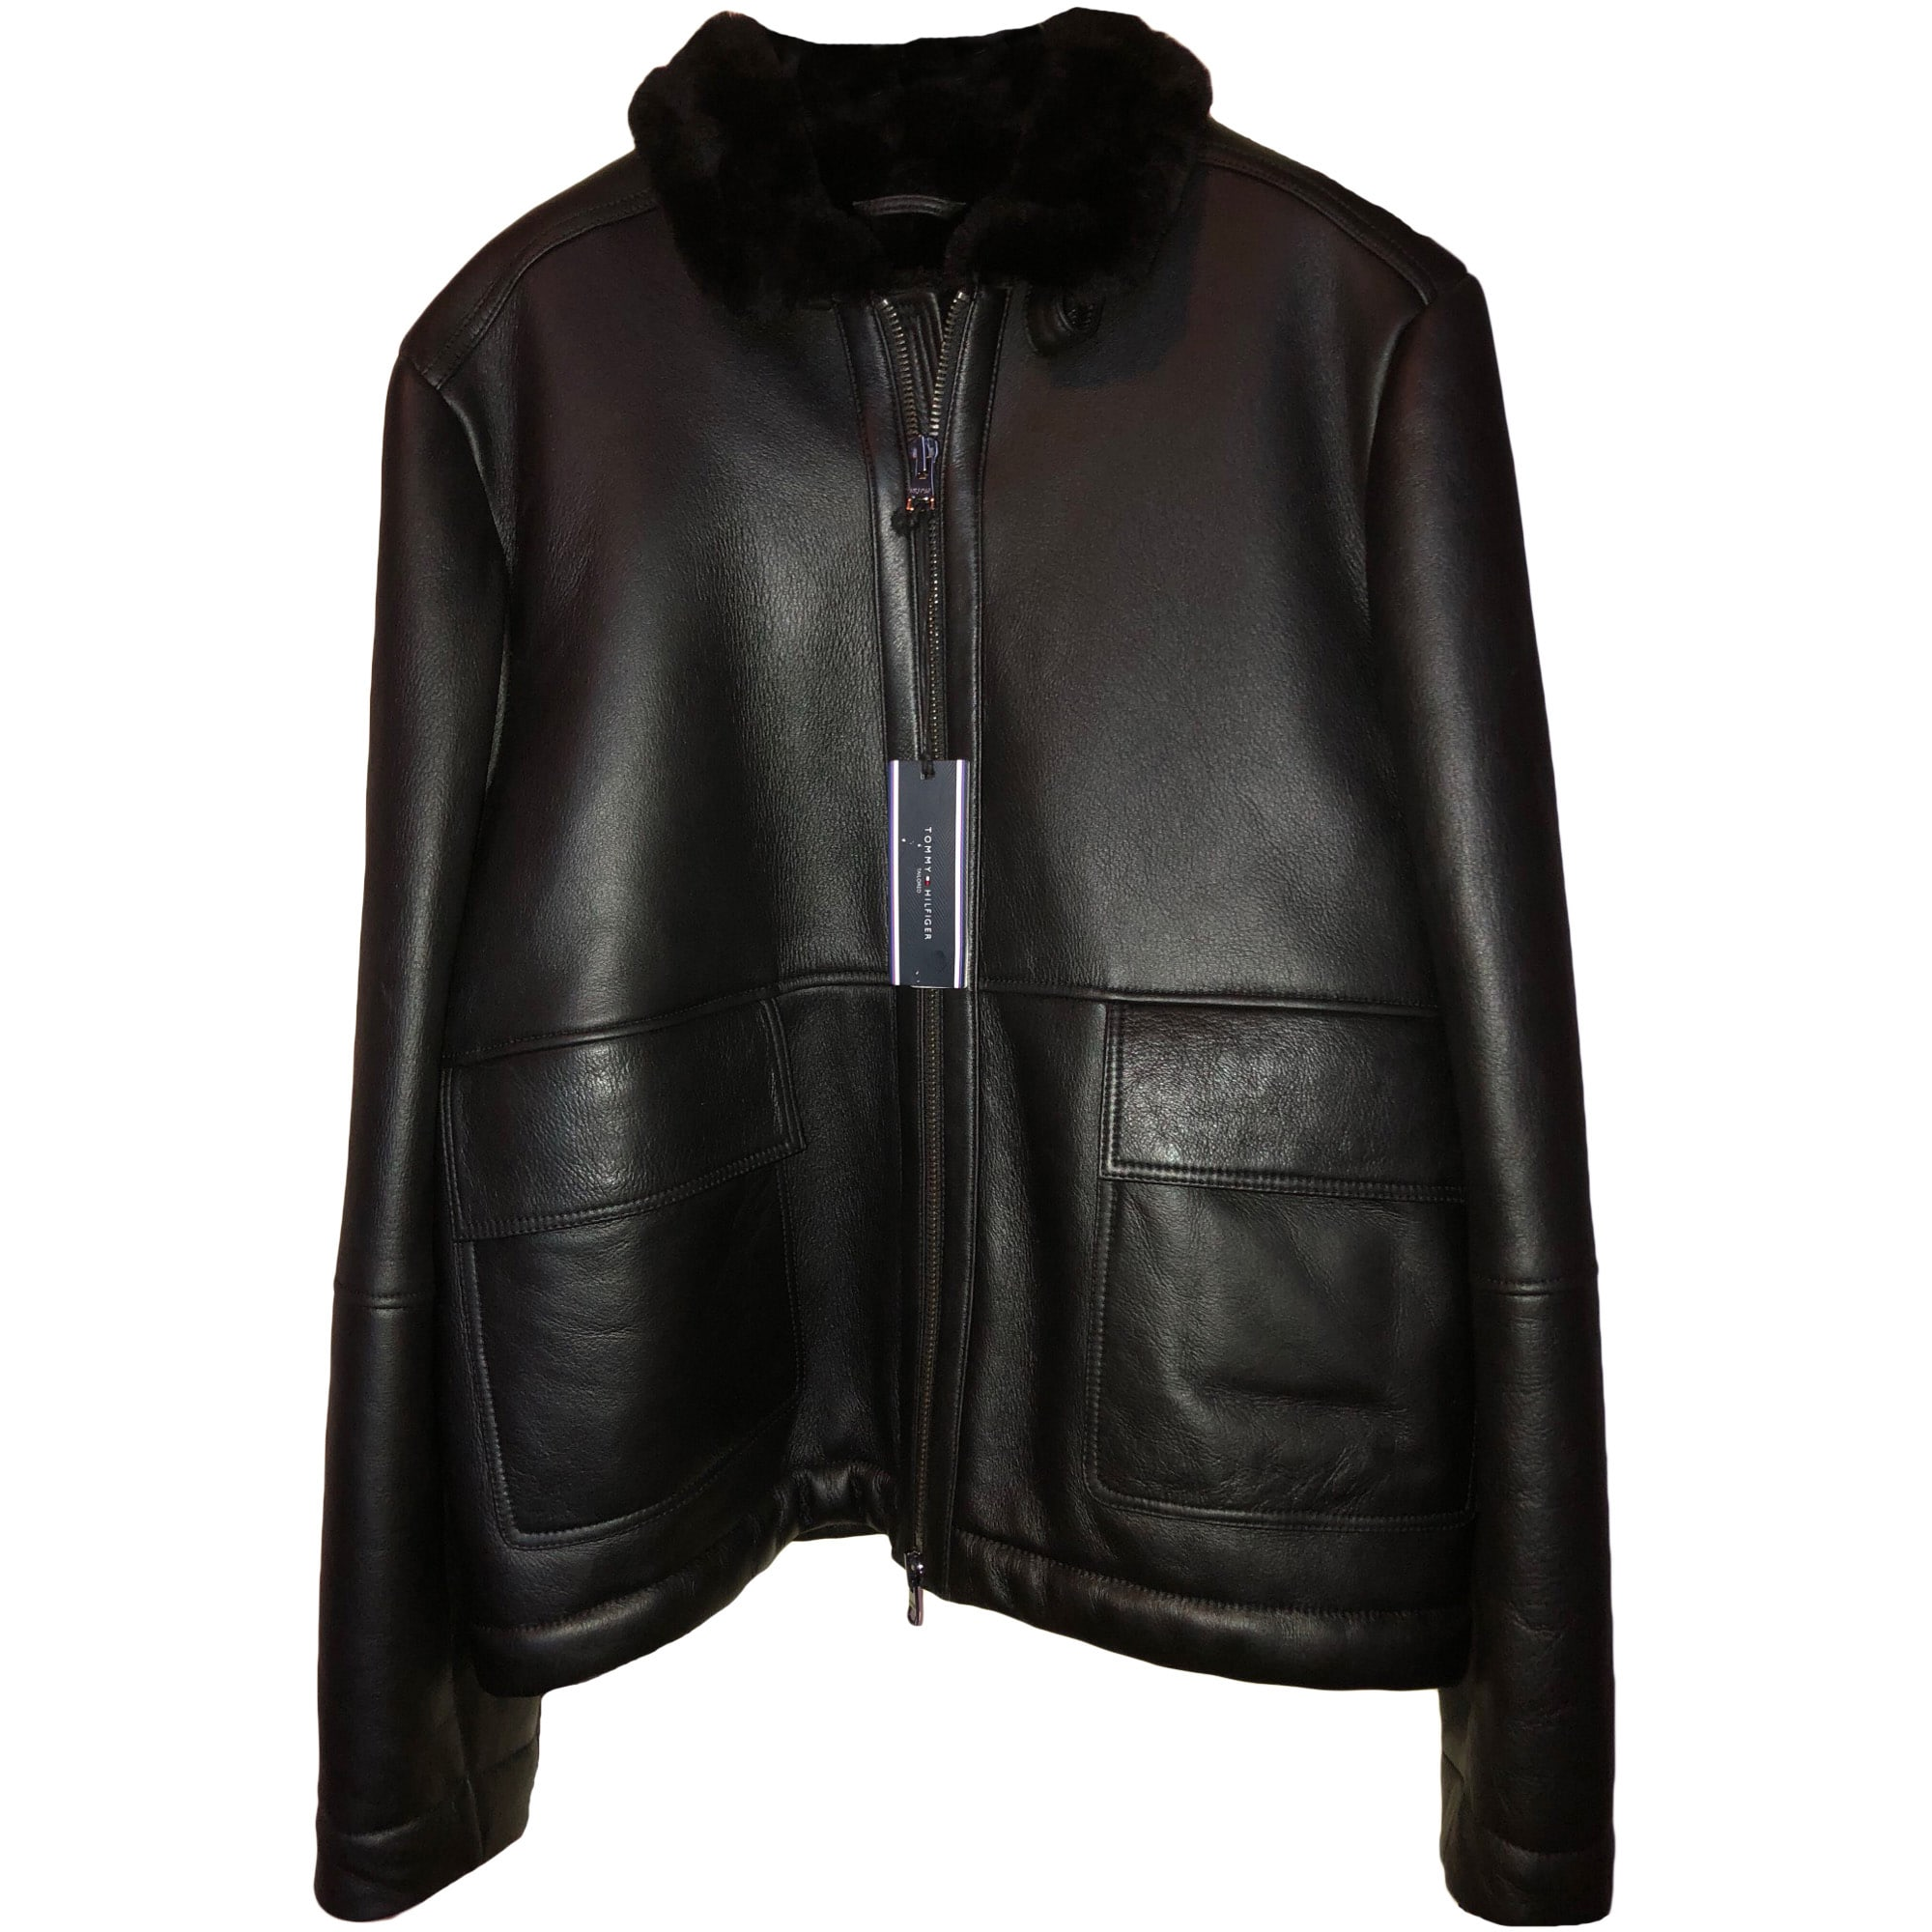 Blouson en cuir TOMMY HILFIGER 54 (L) noir - 7209587 1d5ee3193014